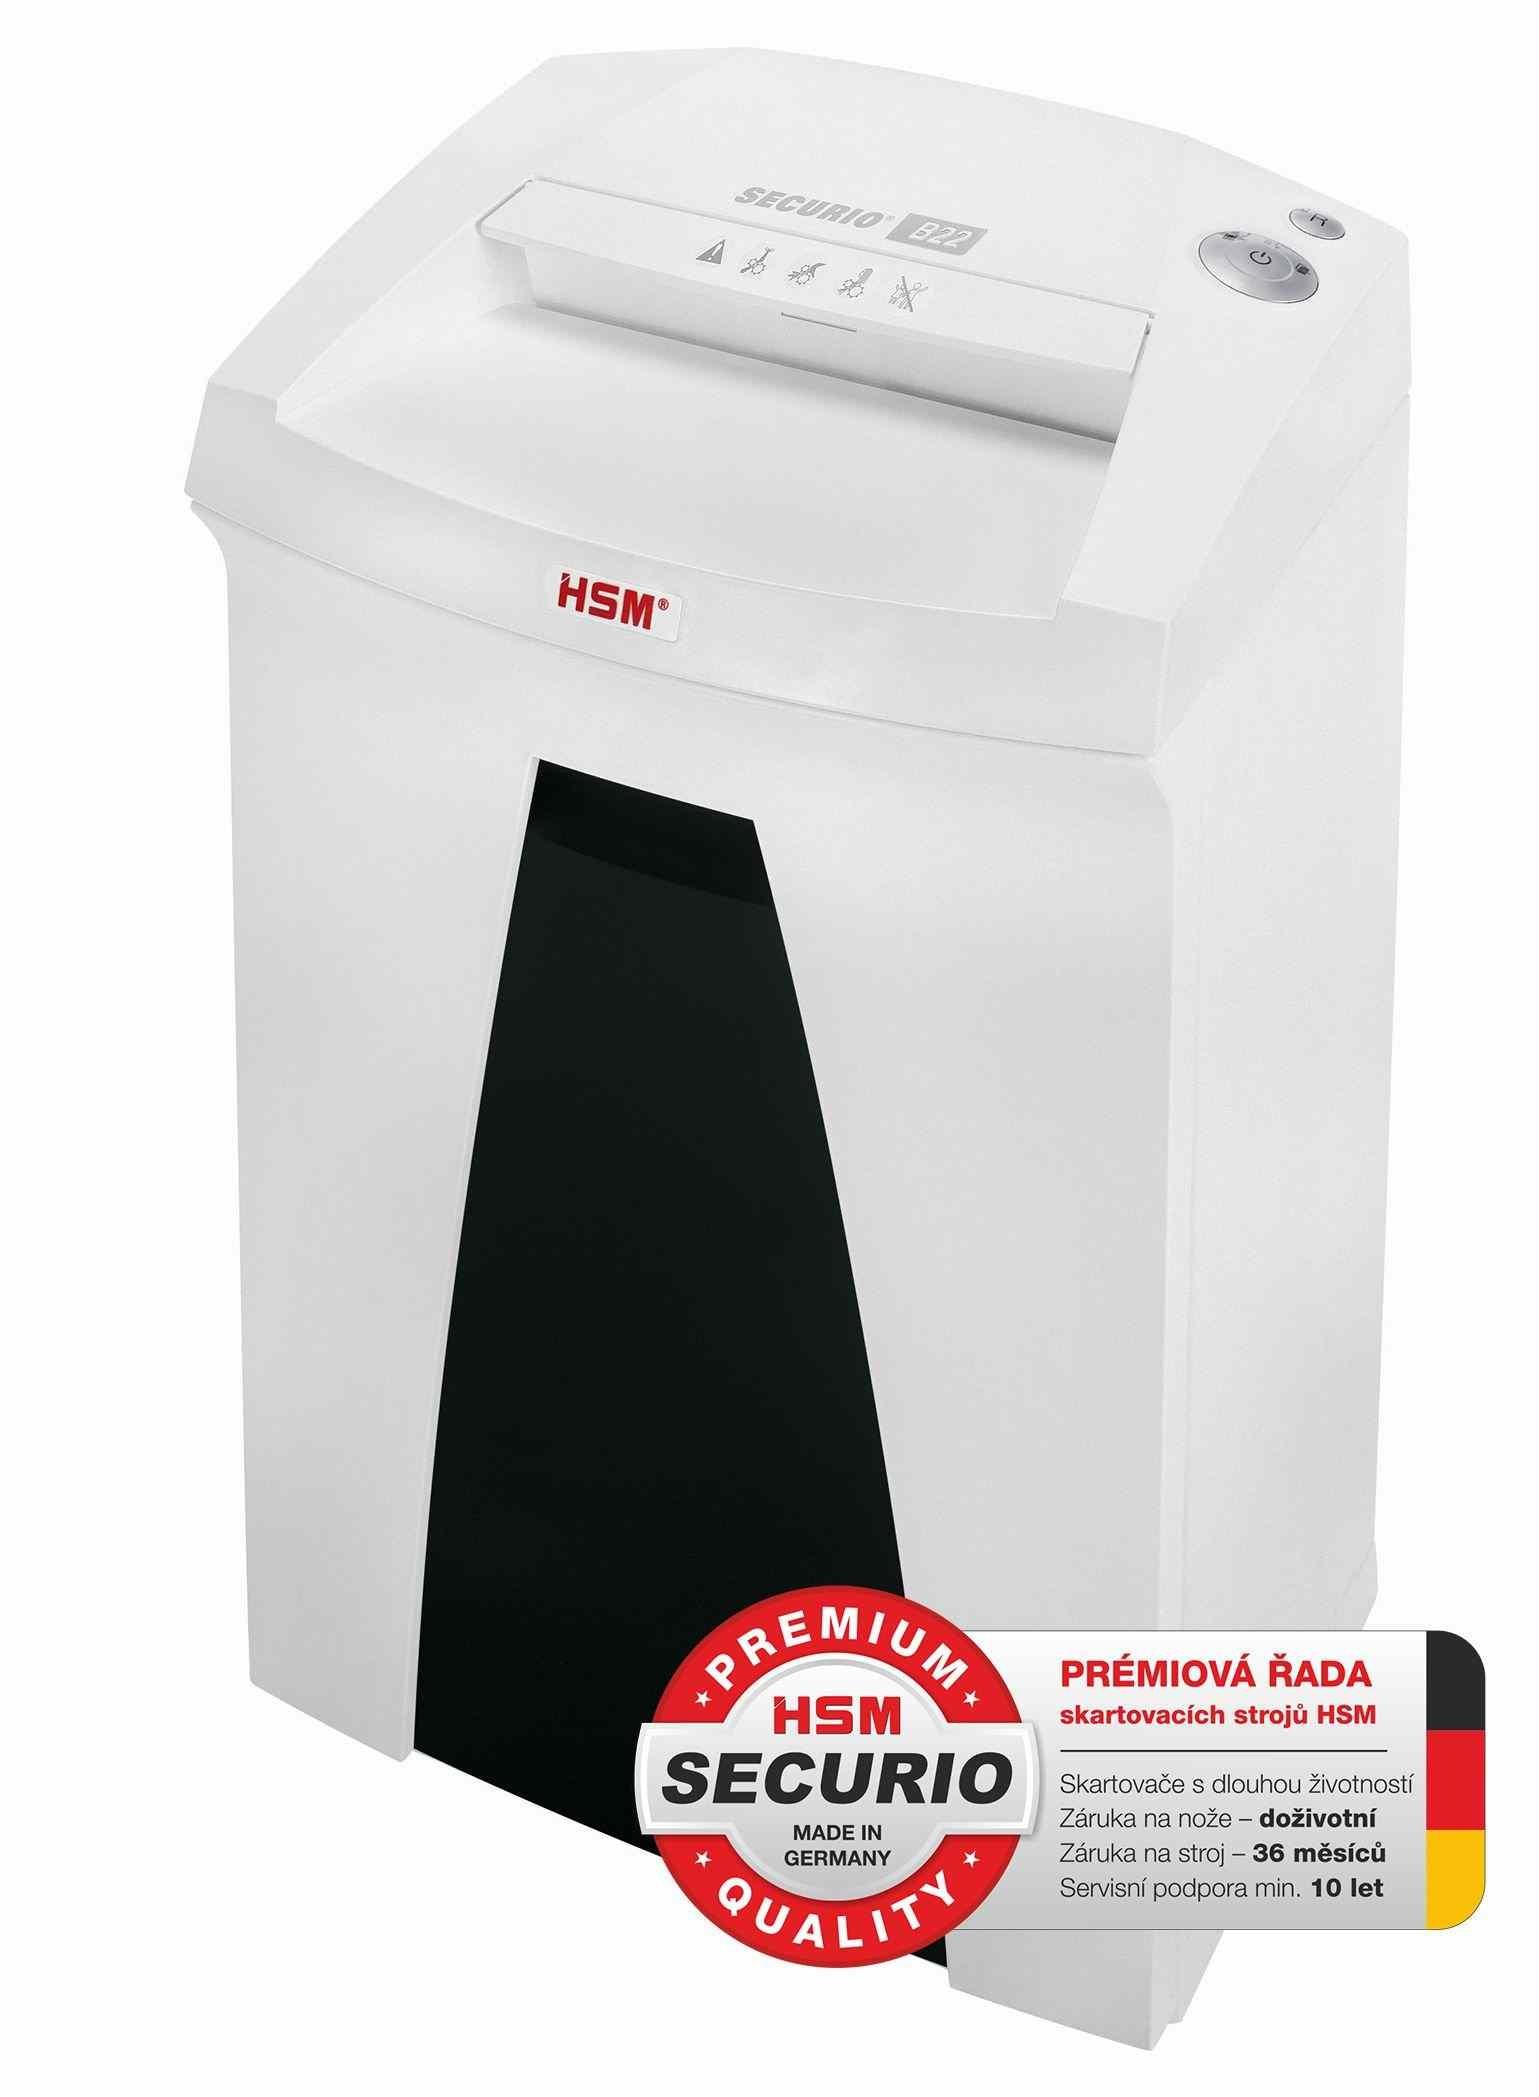 HSM skartovač Securio B22 (řez: Podélný 5.8mm   vstup: 240mm   DIN: P-2 (2)   papír, sponky, plast. karty, CD)